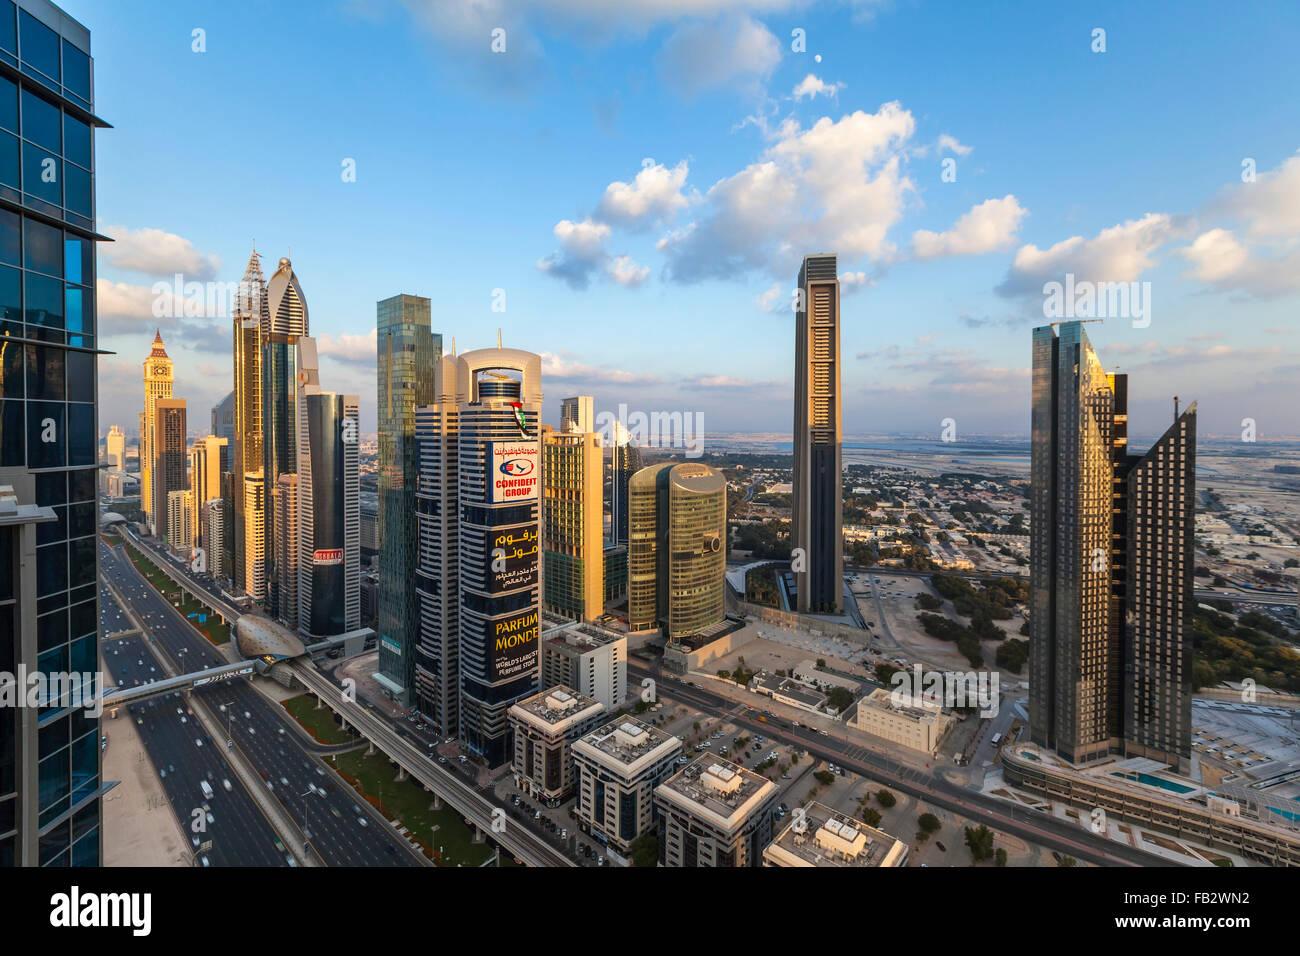 Los Emiratos Árabes Unidos, Dubai, Sheikh Zayed Rd, tráfico y nuevos edificios altos a lo largo de Dubai la carretera Foto de stock